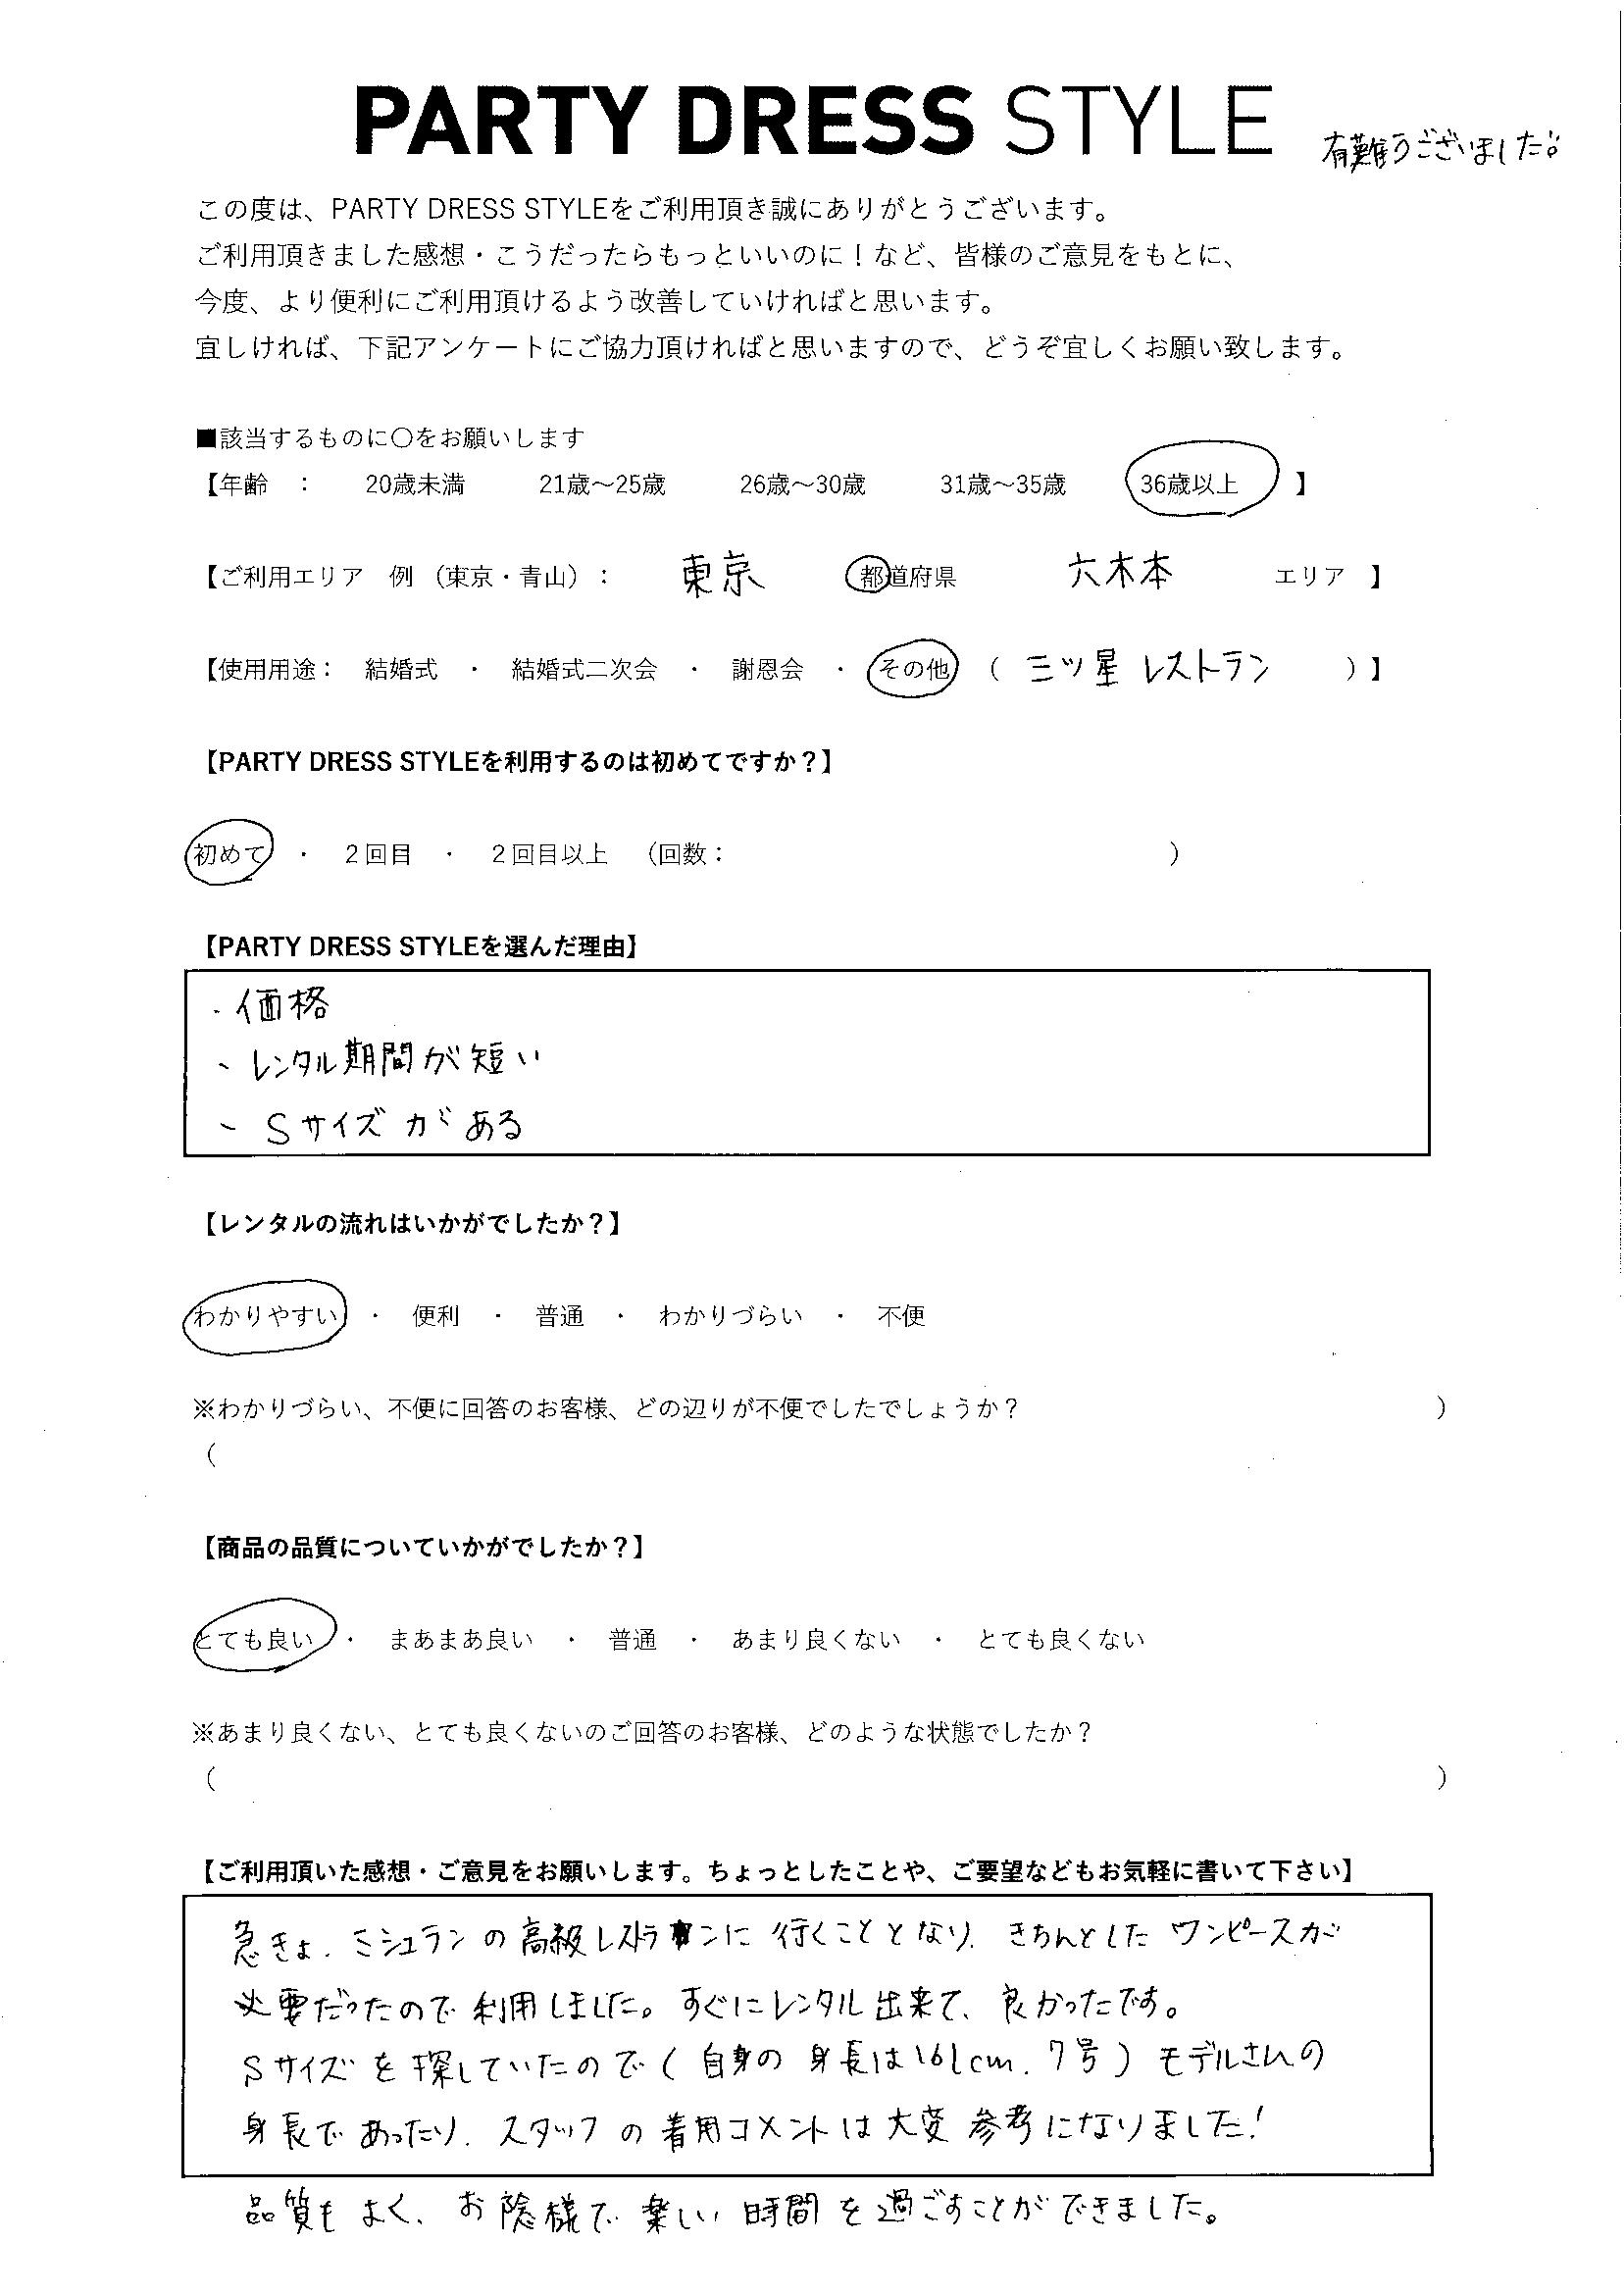 2/13食事会ご利用 東京・六本木エリア